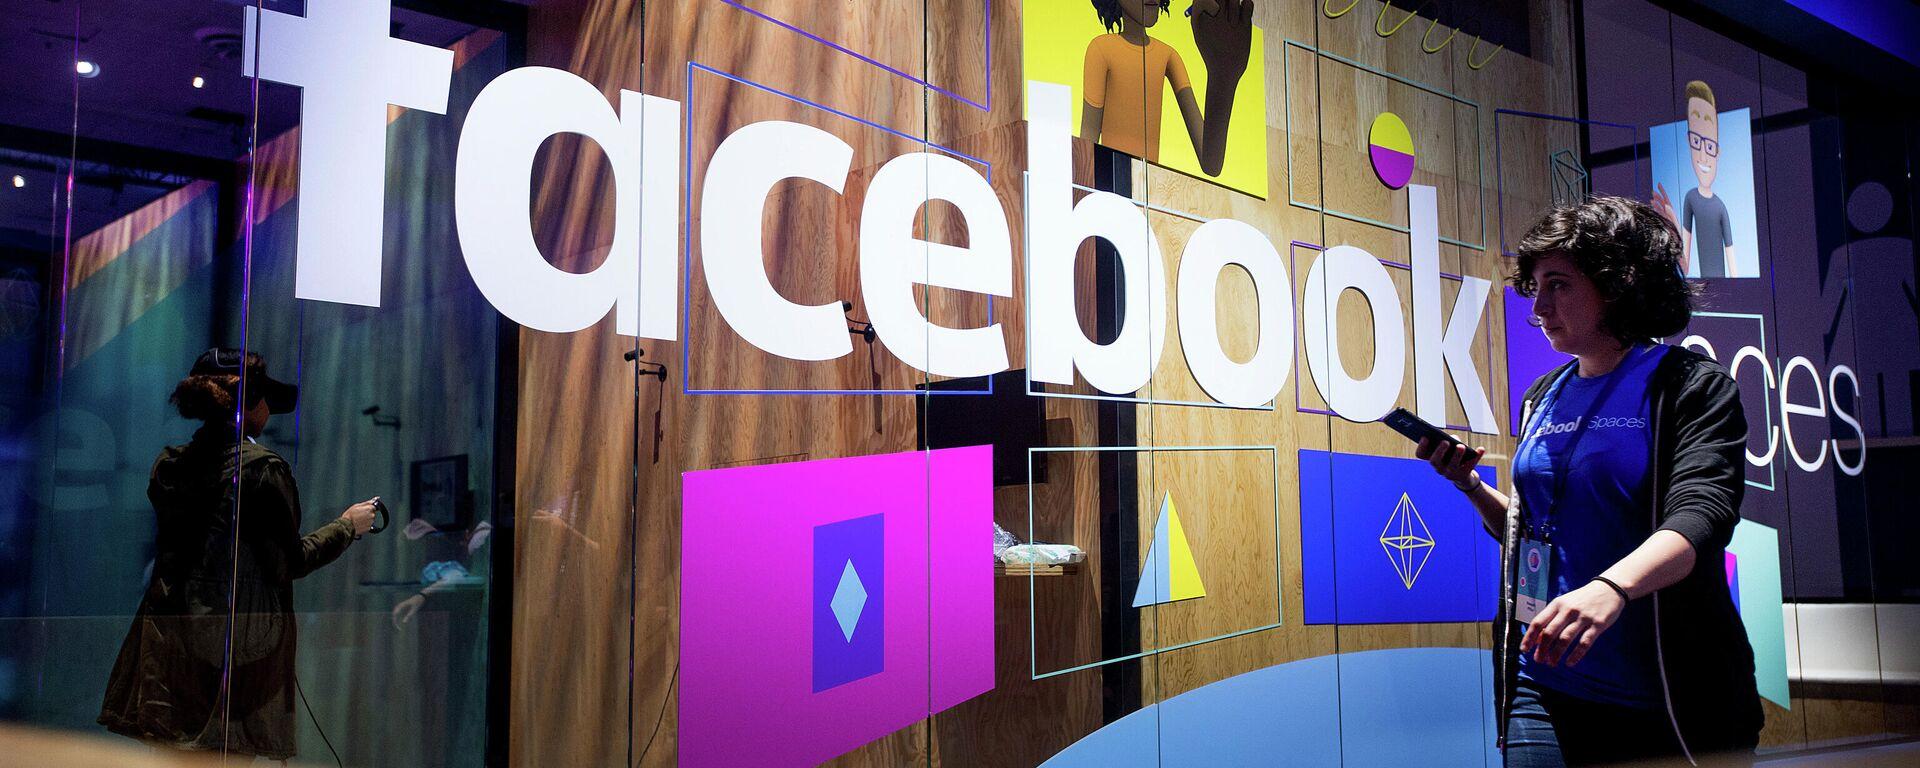 Facebook (Symbolbild) - SNA, 1920, 30.04.2021